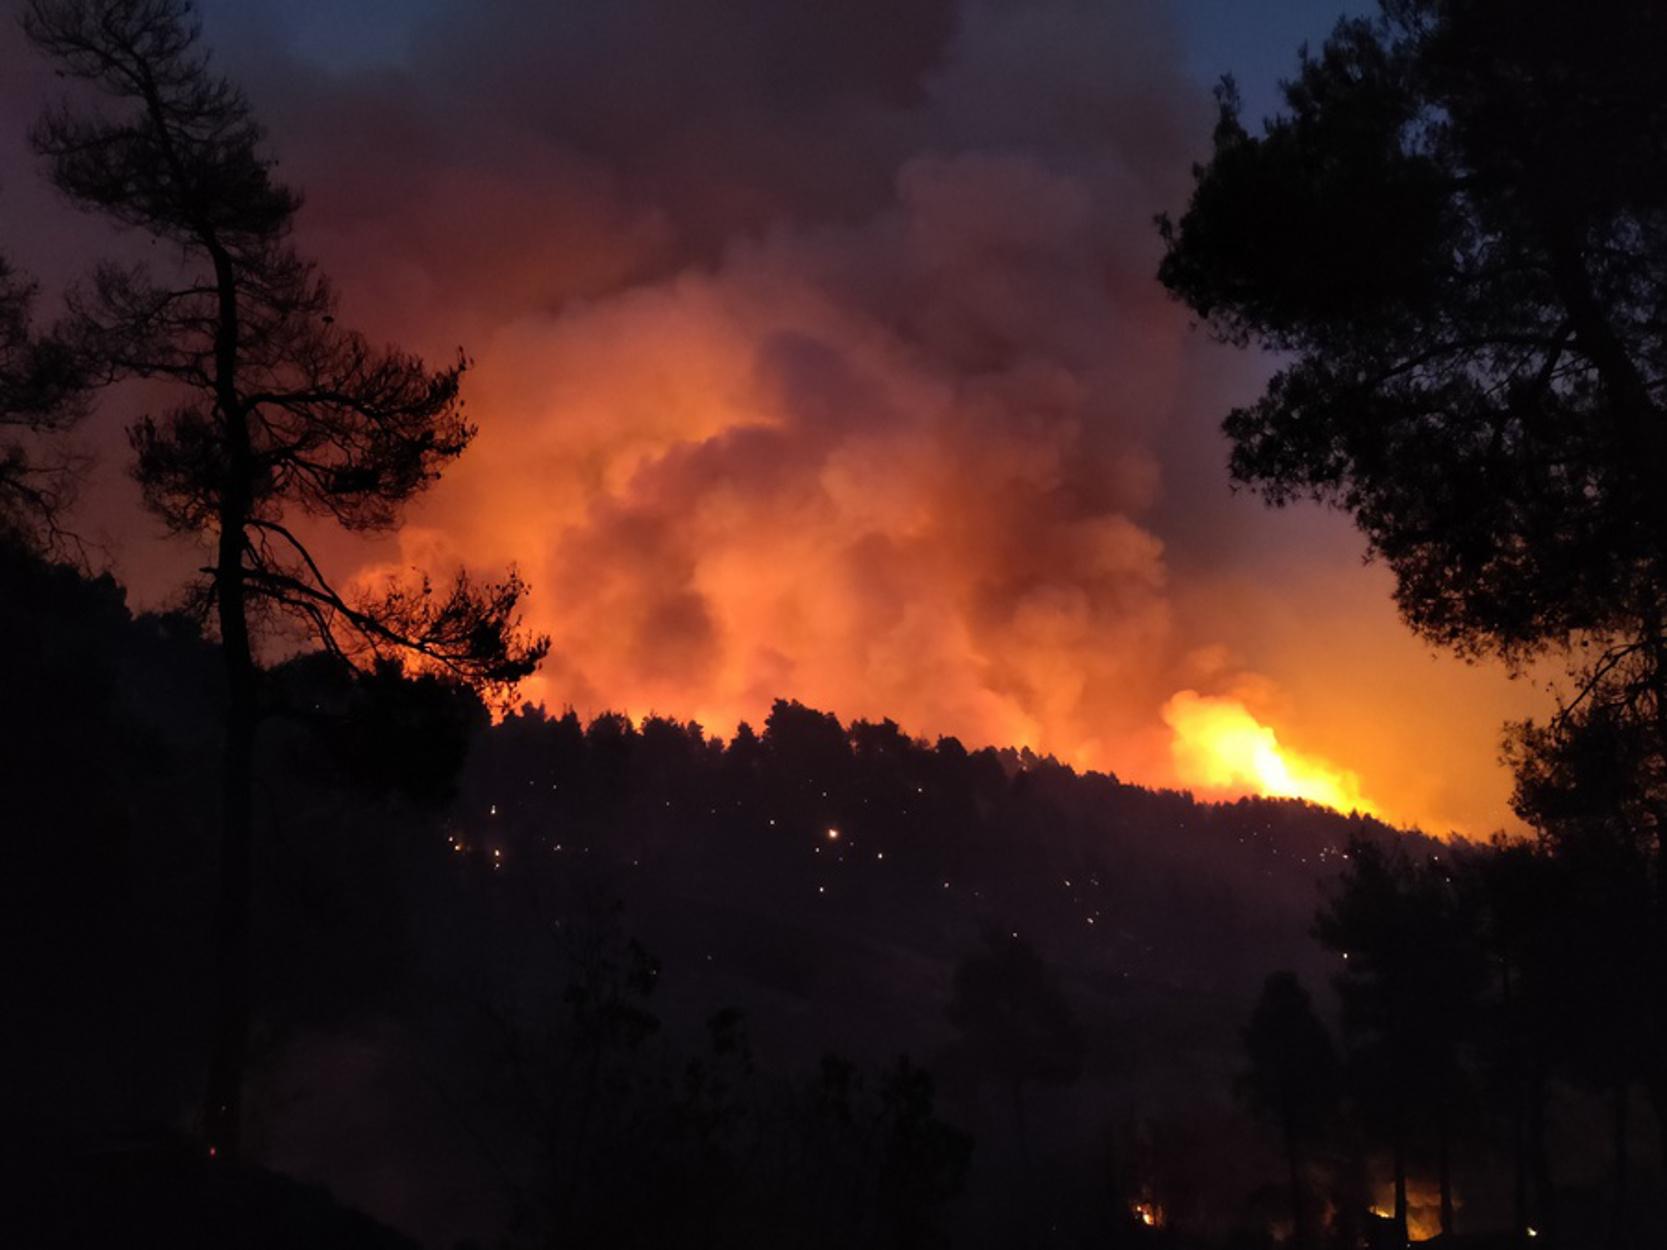 Φωτιά στην Εύβοια – Δήμαρχος Μαντουδίου: Καίγονται πάνω από 100 σπίτια, κάτοικοι έχουν παραμείνει